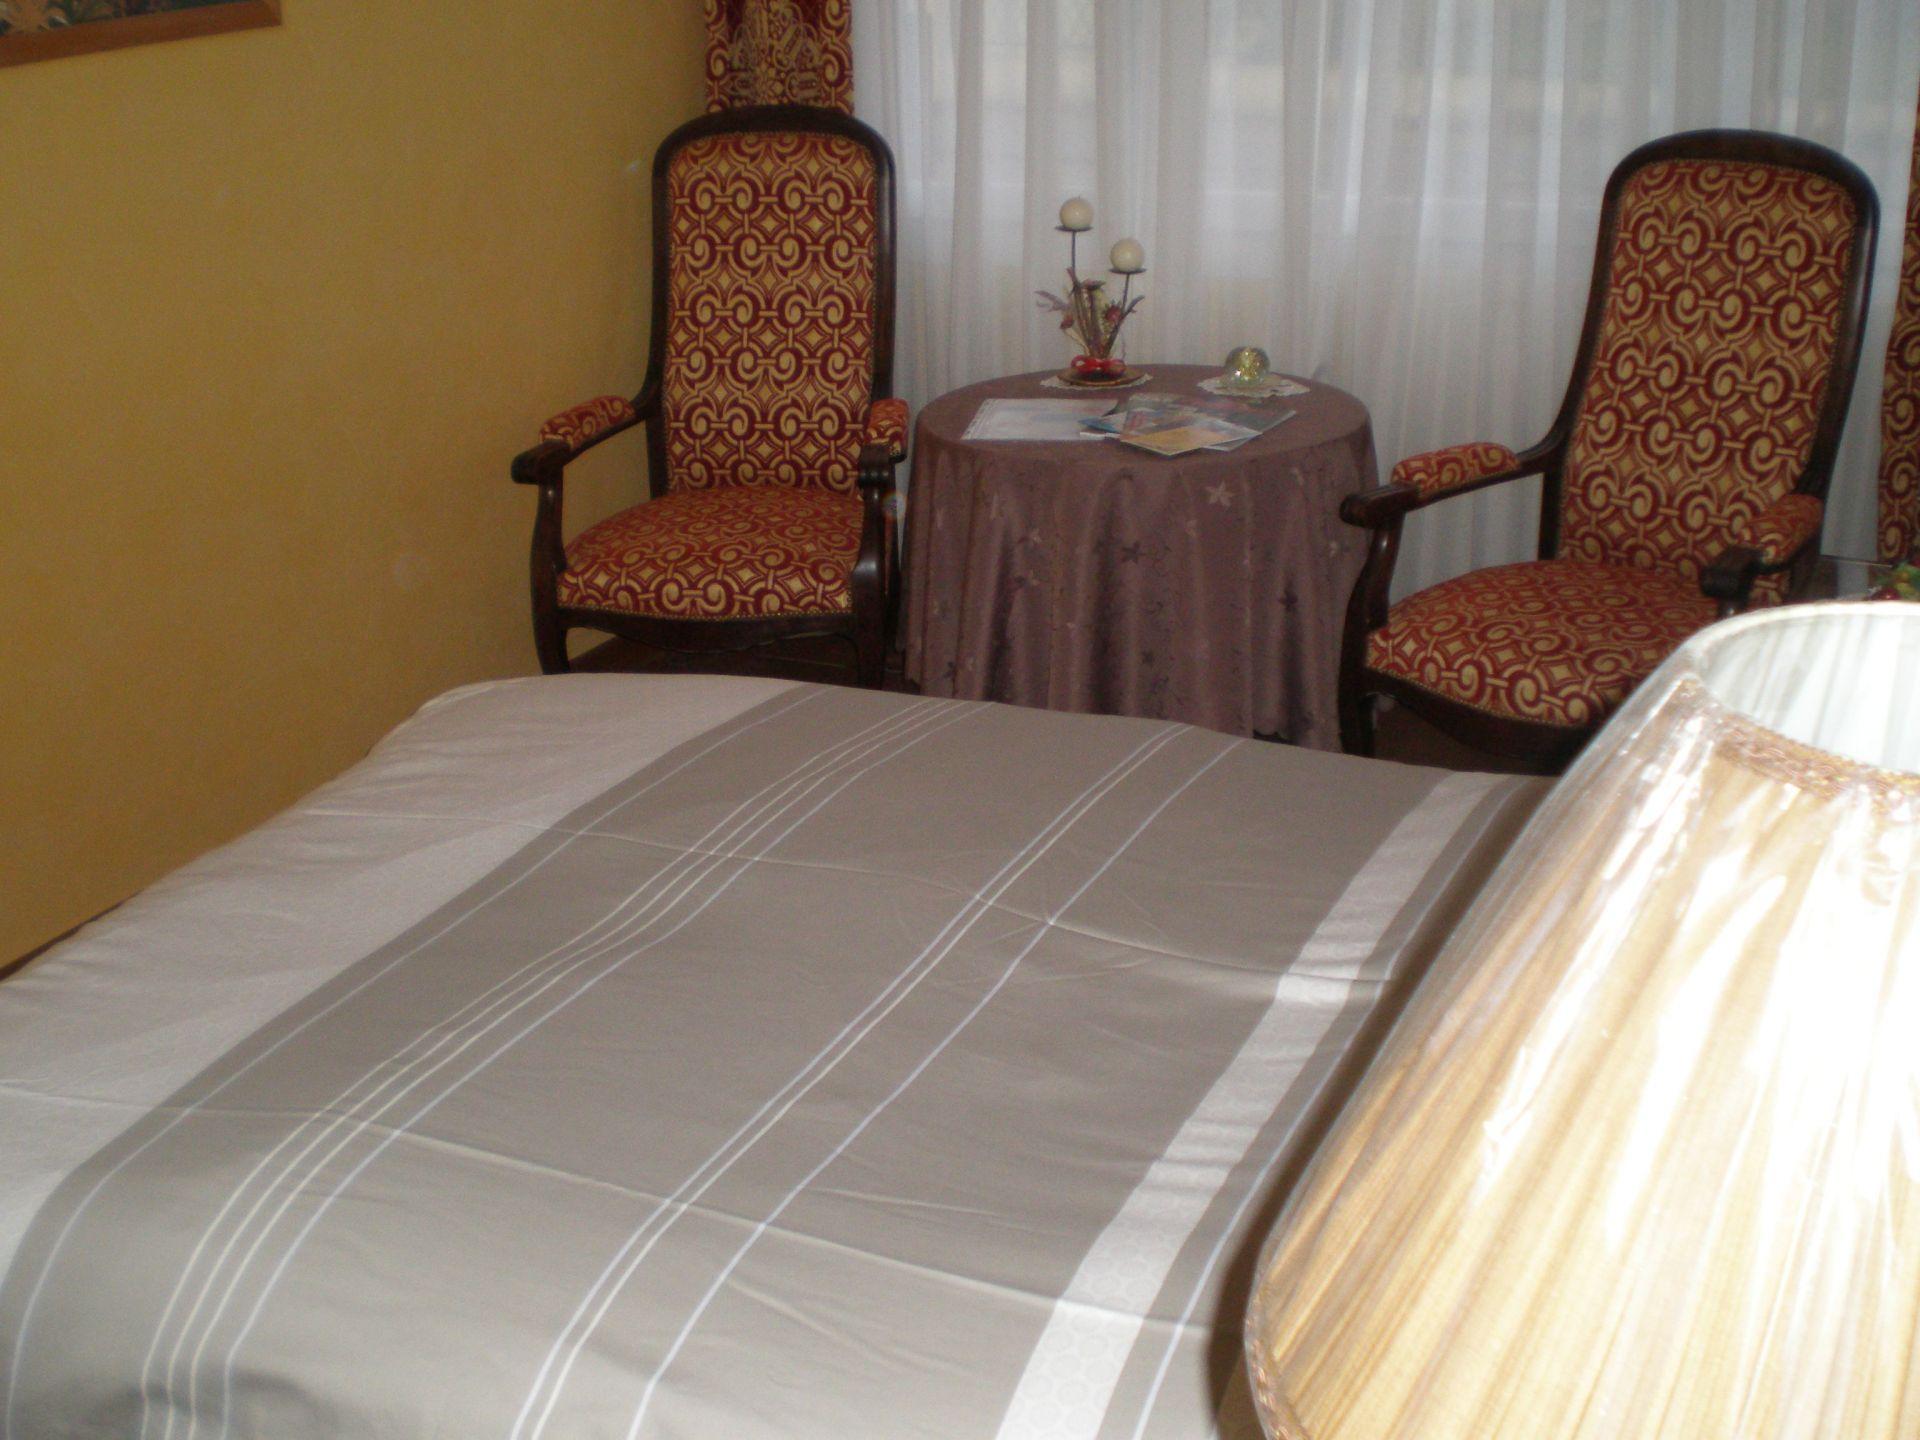 chambre d 39 hotes de villers les nancy dareva54 lorraine tourisme. Black Bedroom Furniture Sets. Home Design Ideas